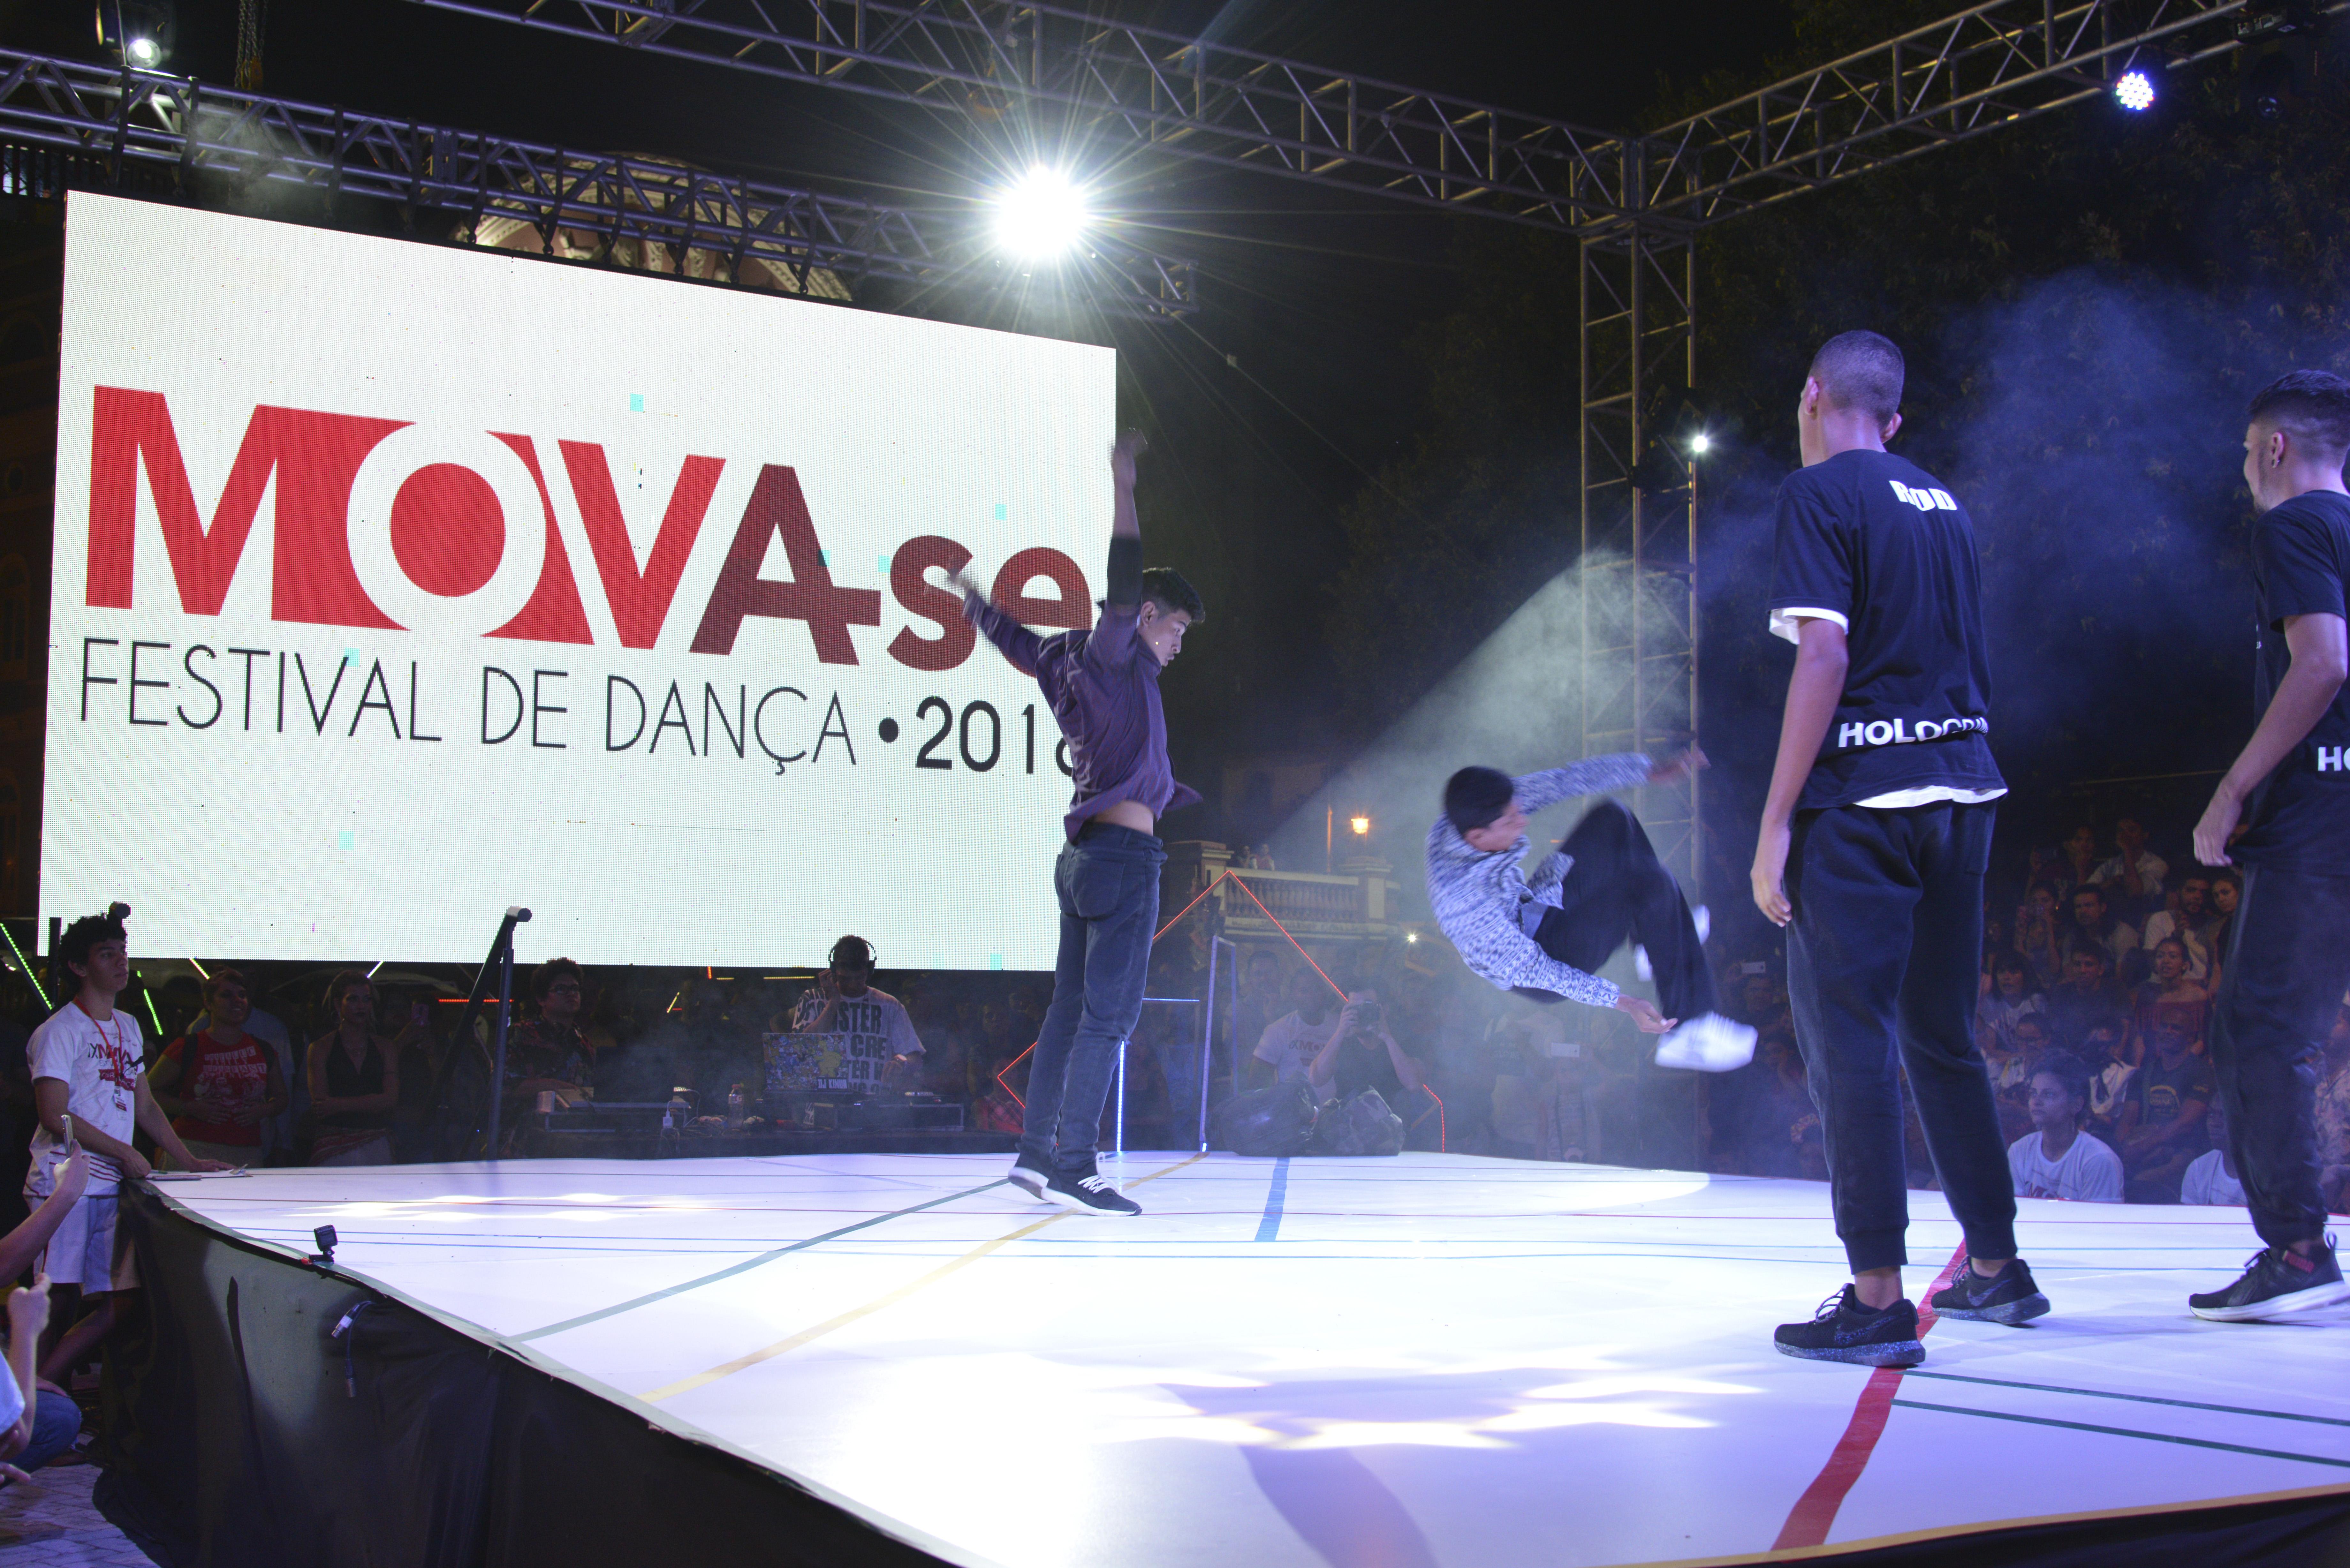 Encerram amanhã as inscrições para a 10ª. Edição do Mova-se festival de Dança